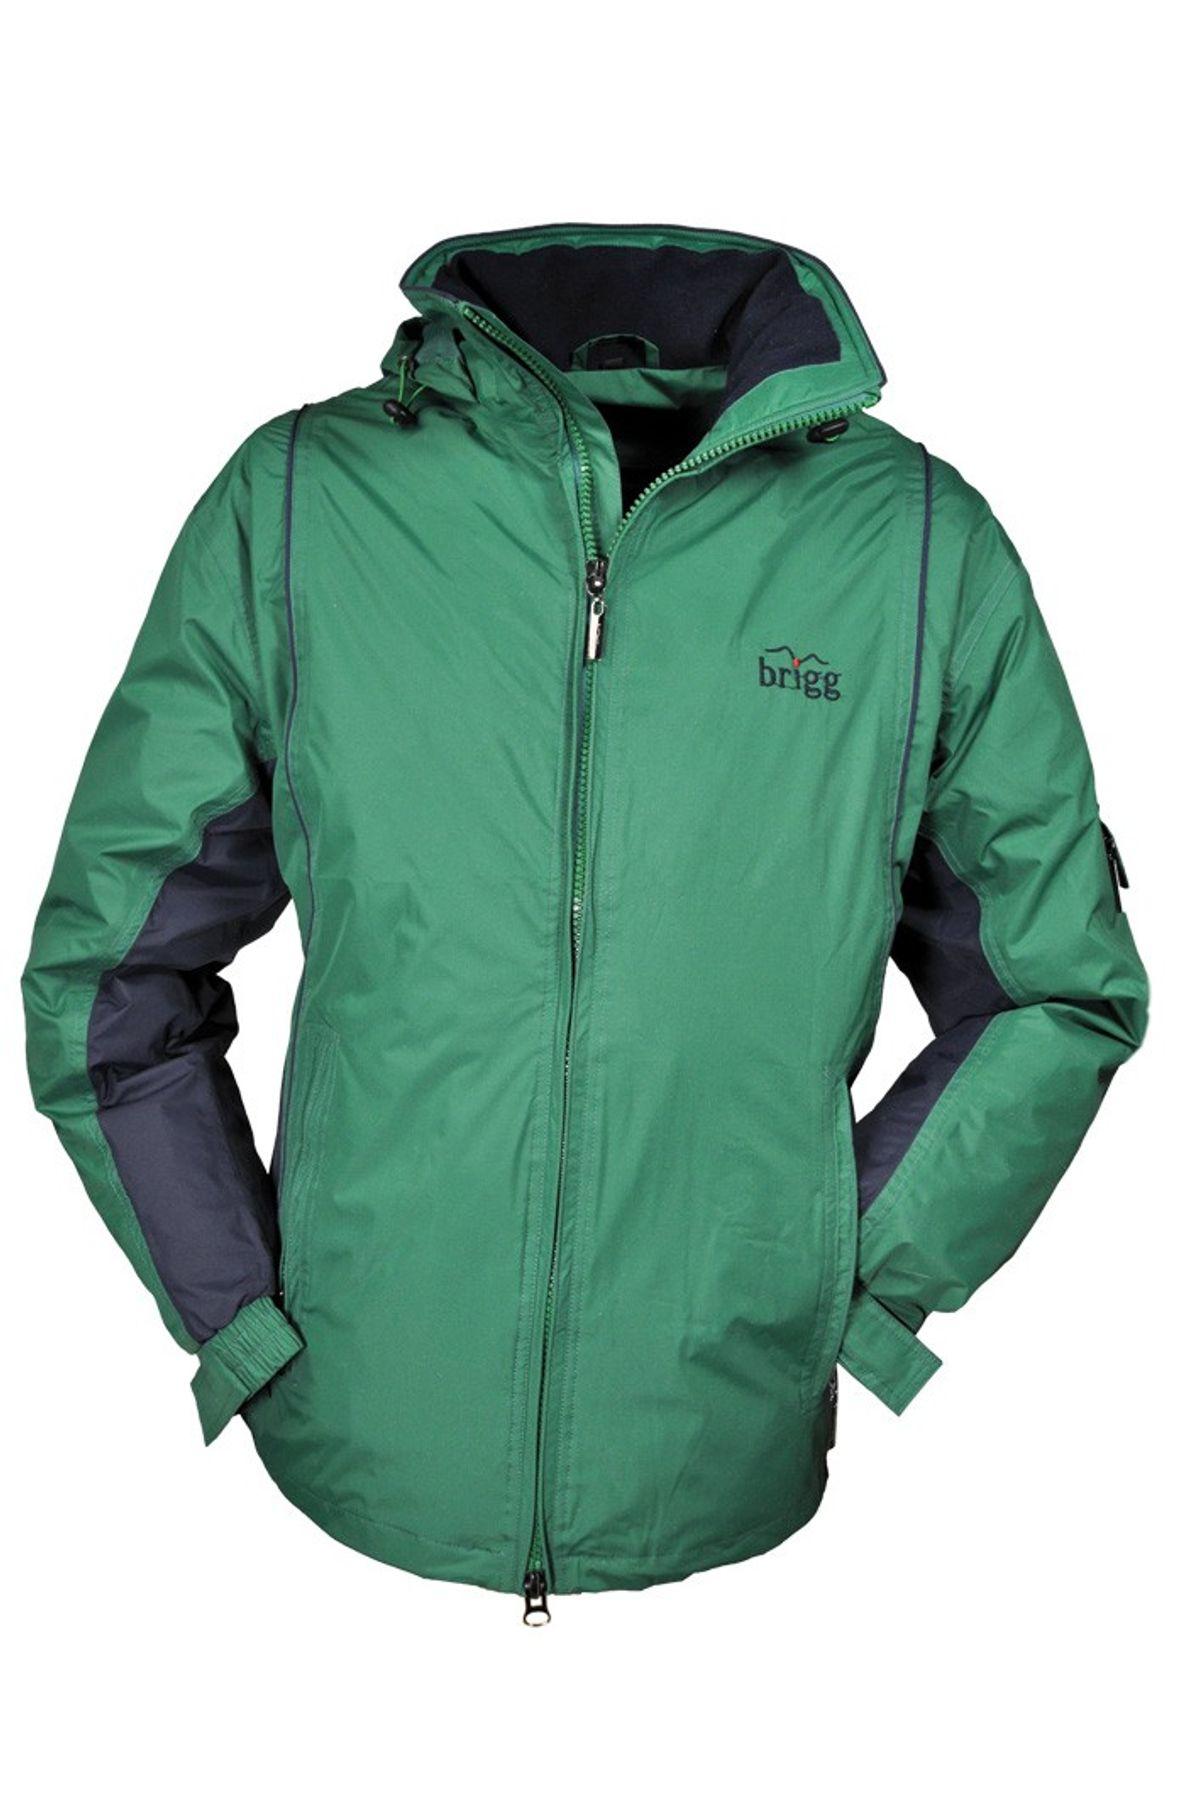 BRIGG - Unisex Funktions Jacke in diversen Farbvarianten, Wasserdicht, Atmungsaktiv, Winddicht, FS (1001 2001)